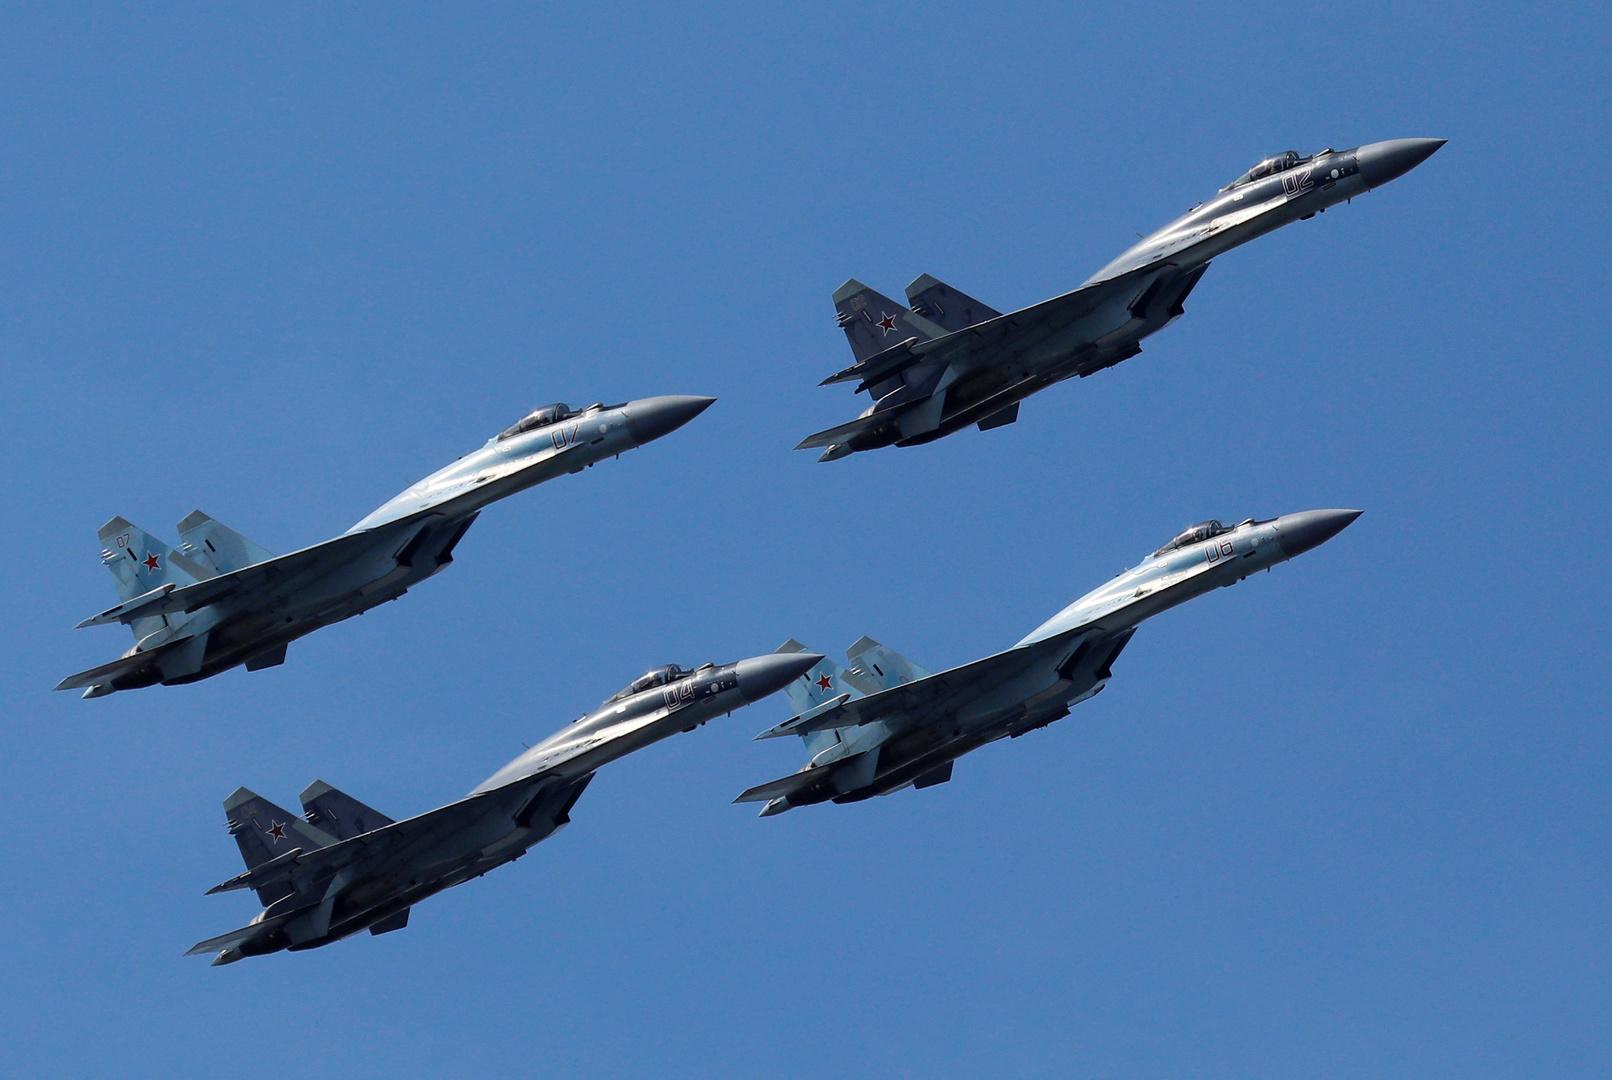 ترامب في هستيريا: سو-35 تفوقت على إف-16